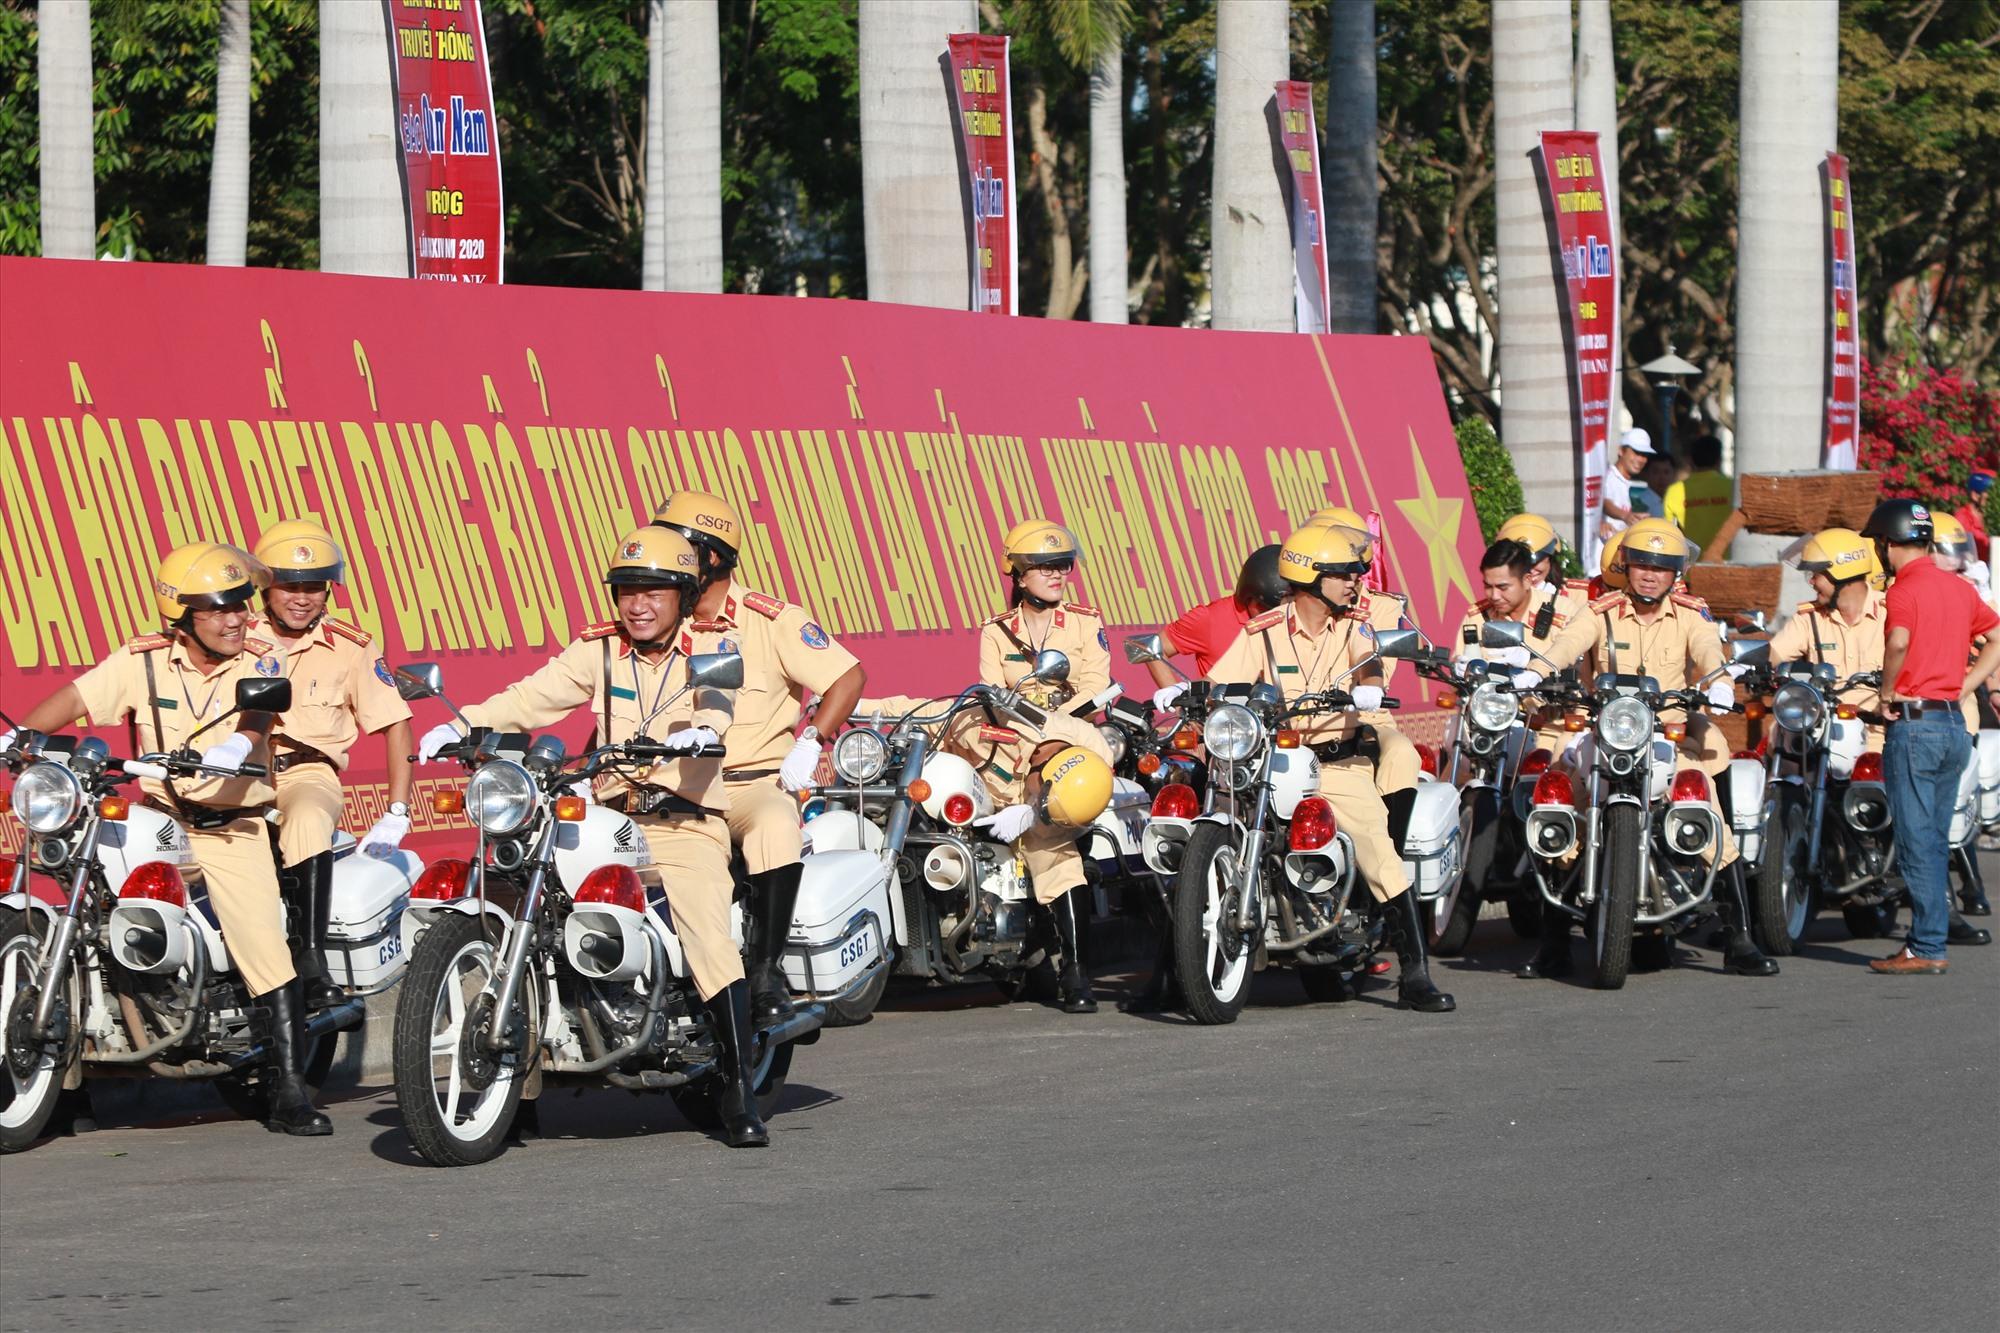 Đội môt tô dẫn đường đã sẵn sàng hỗ trợ.